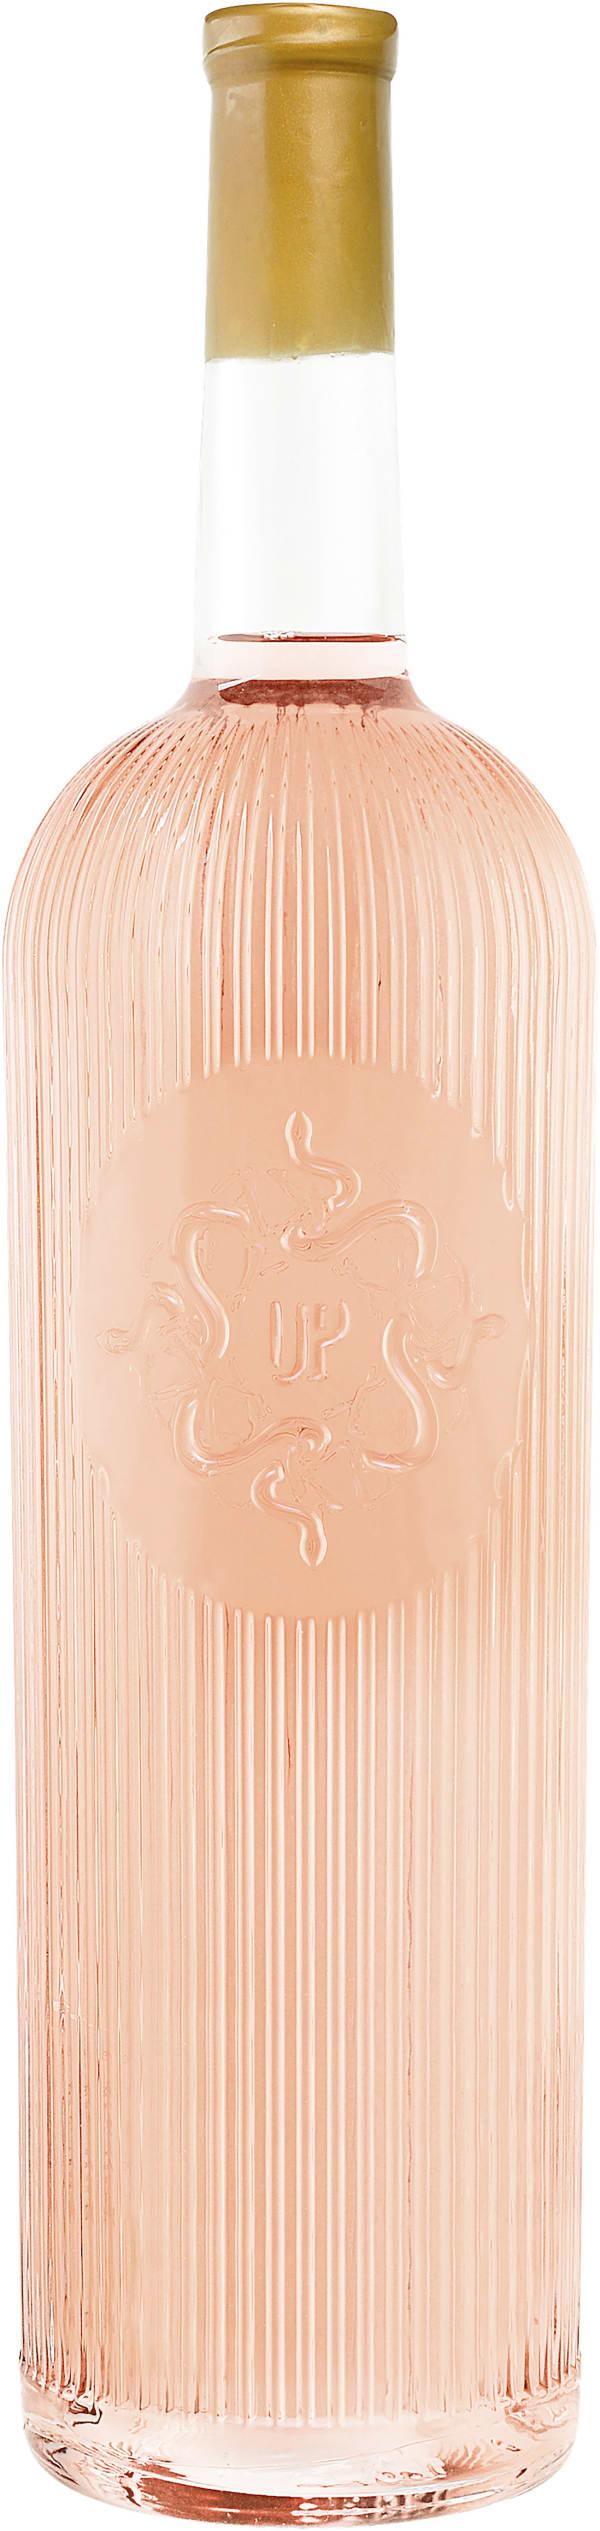 Ultimate Provence Rosé Jeroboam 2019